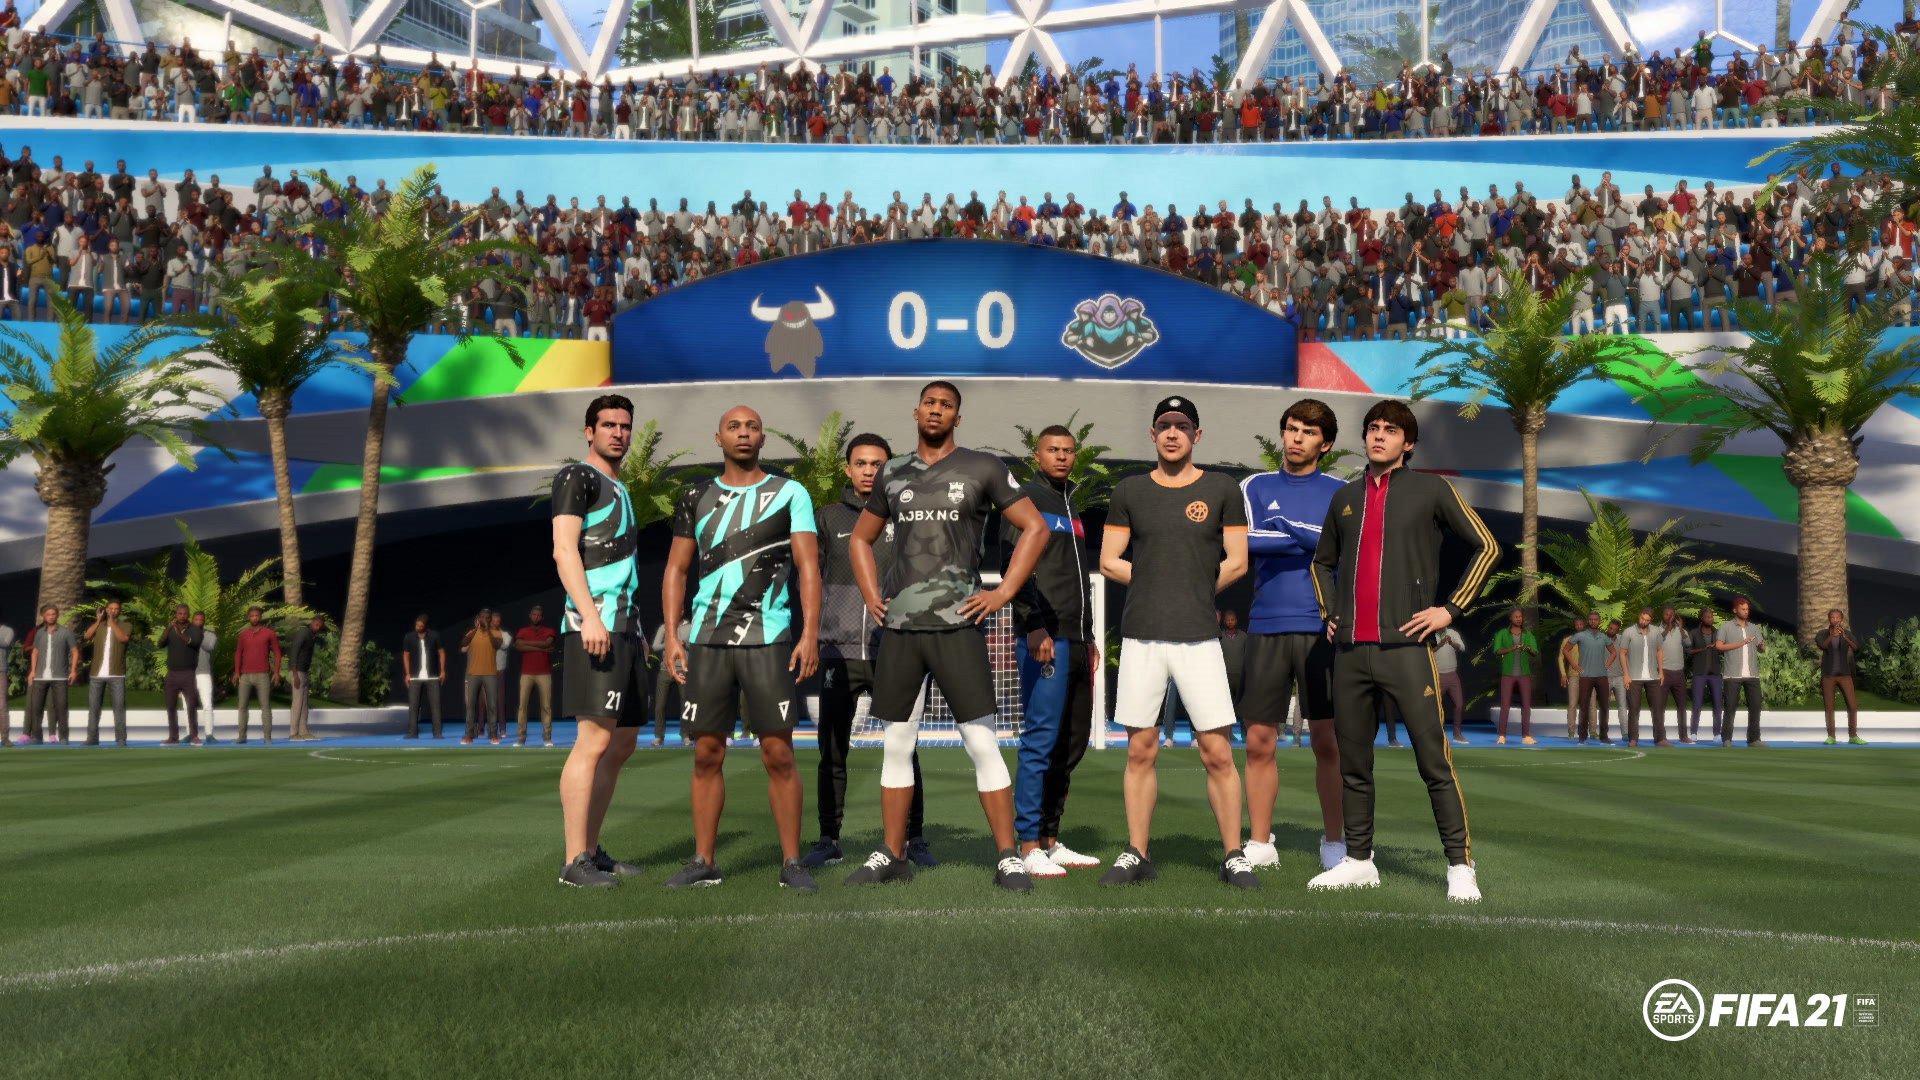 《FIFA 21》公佈VOLTA內可用明星及掉落物